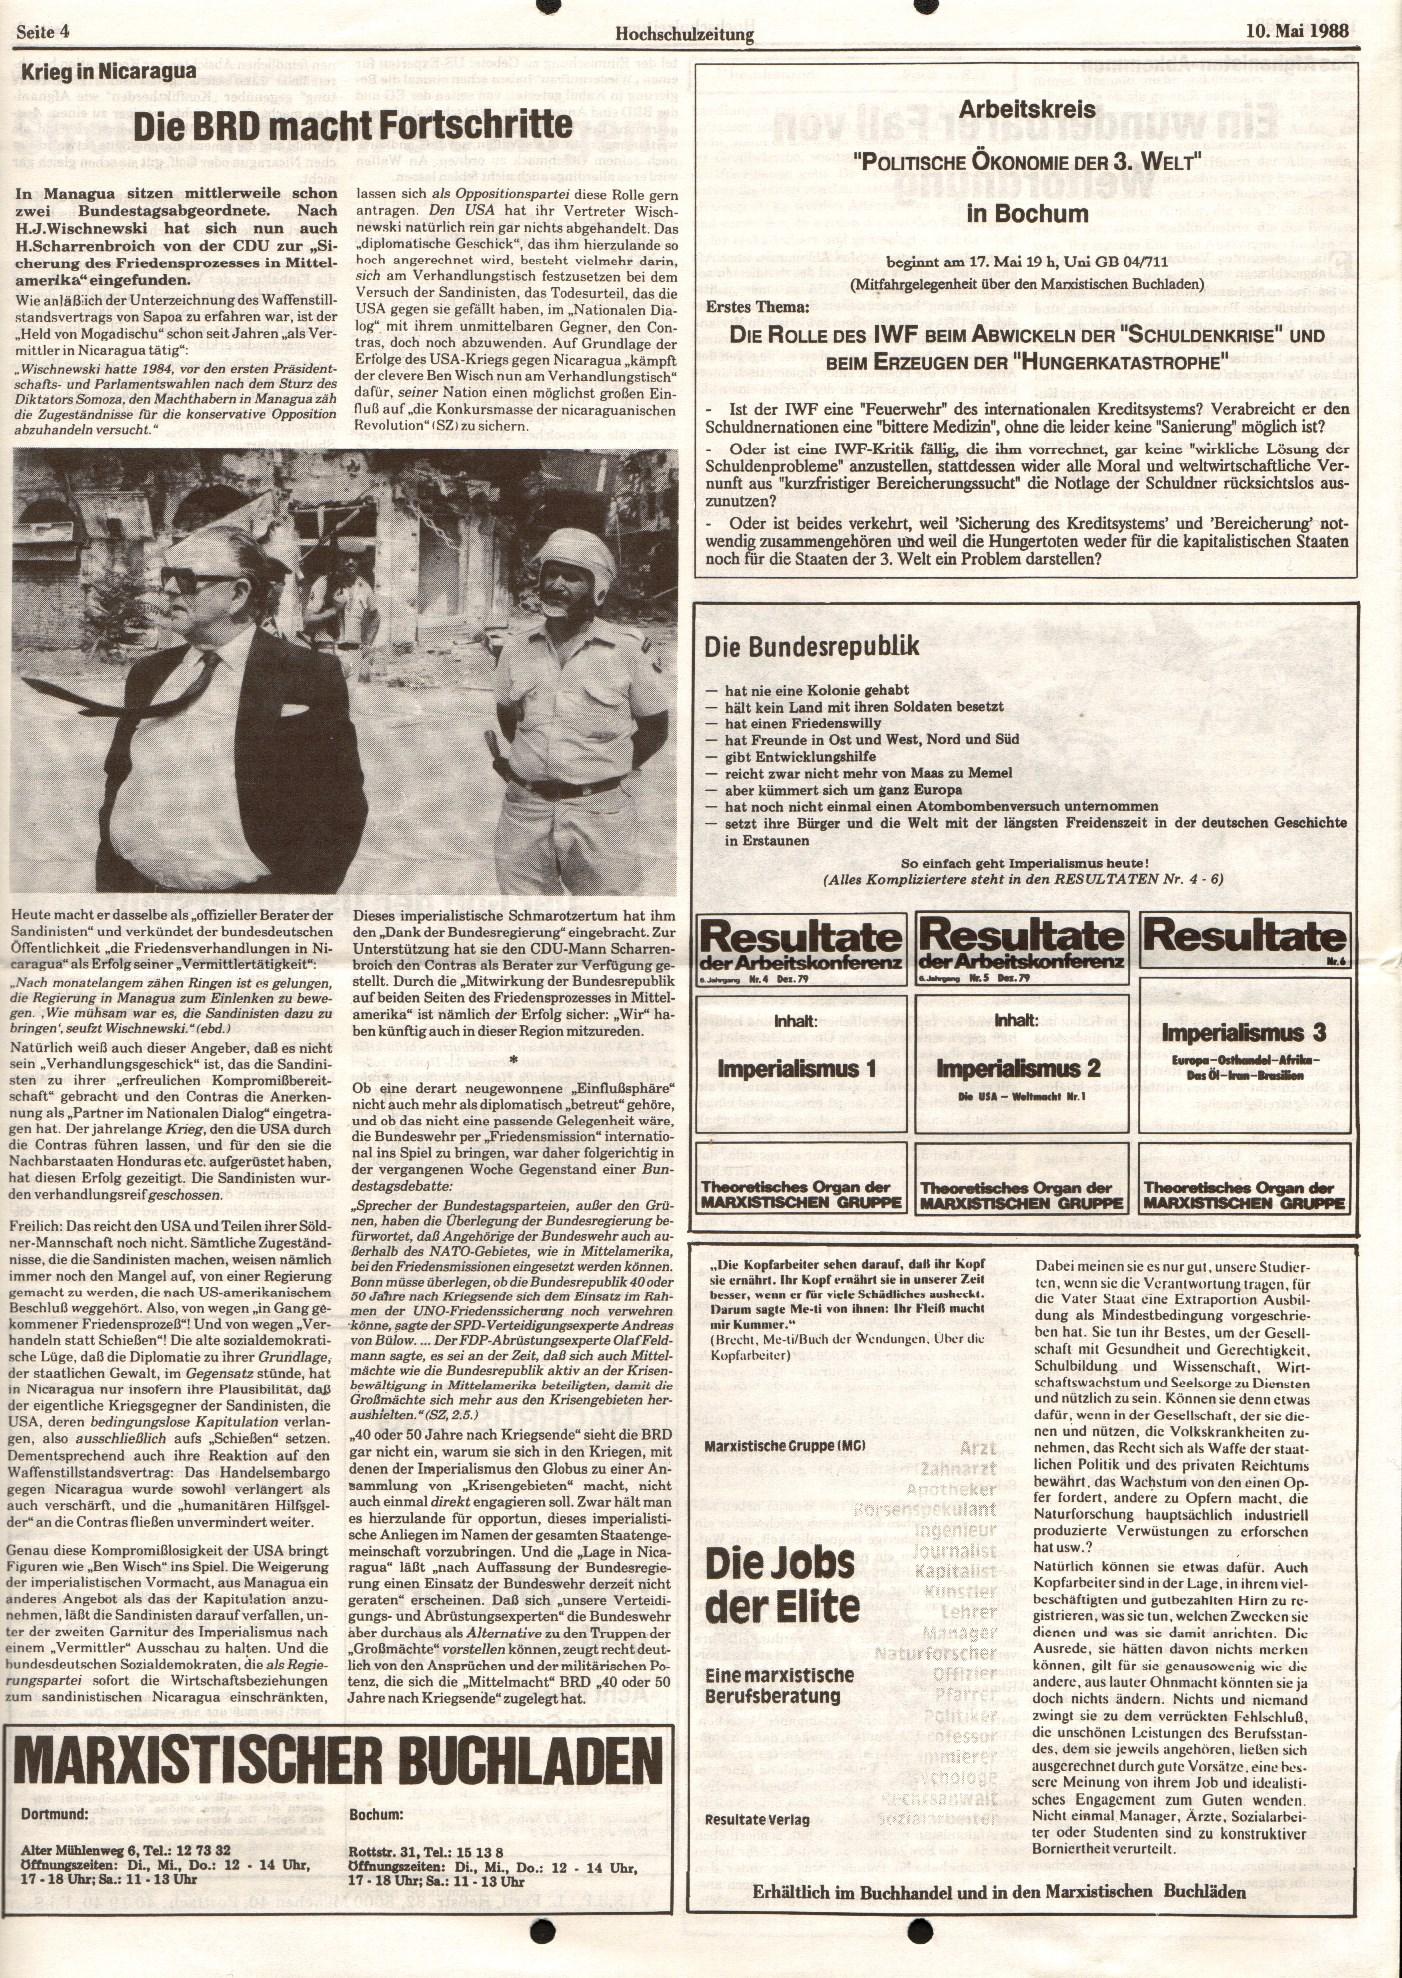 MG_Dortmunder_Hochschulzeitung_19880510_04